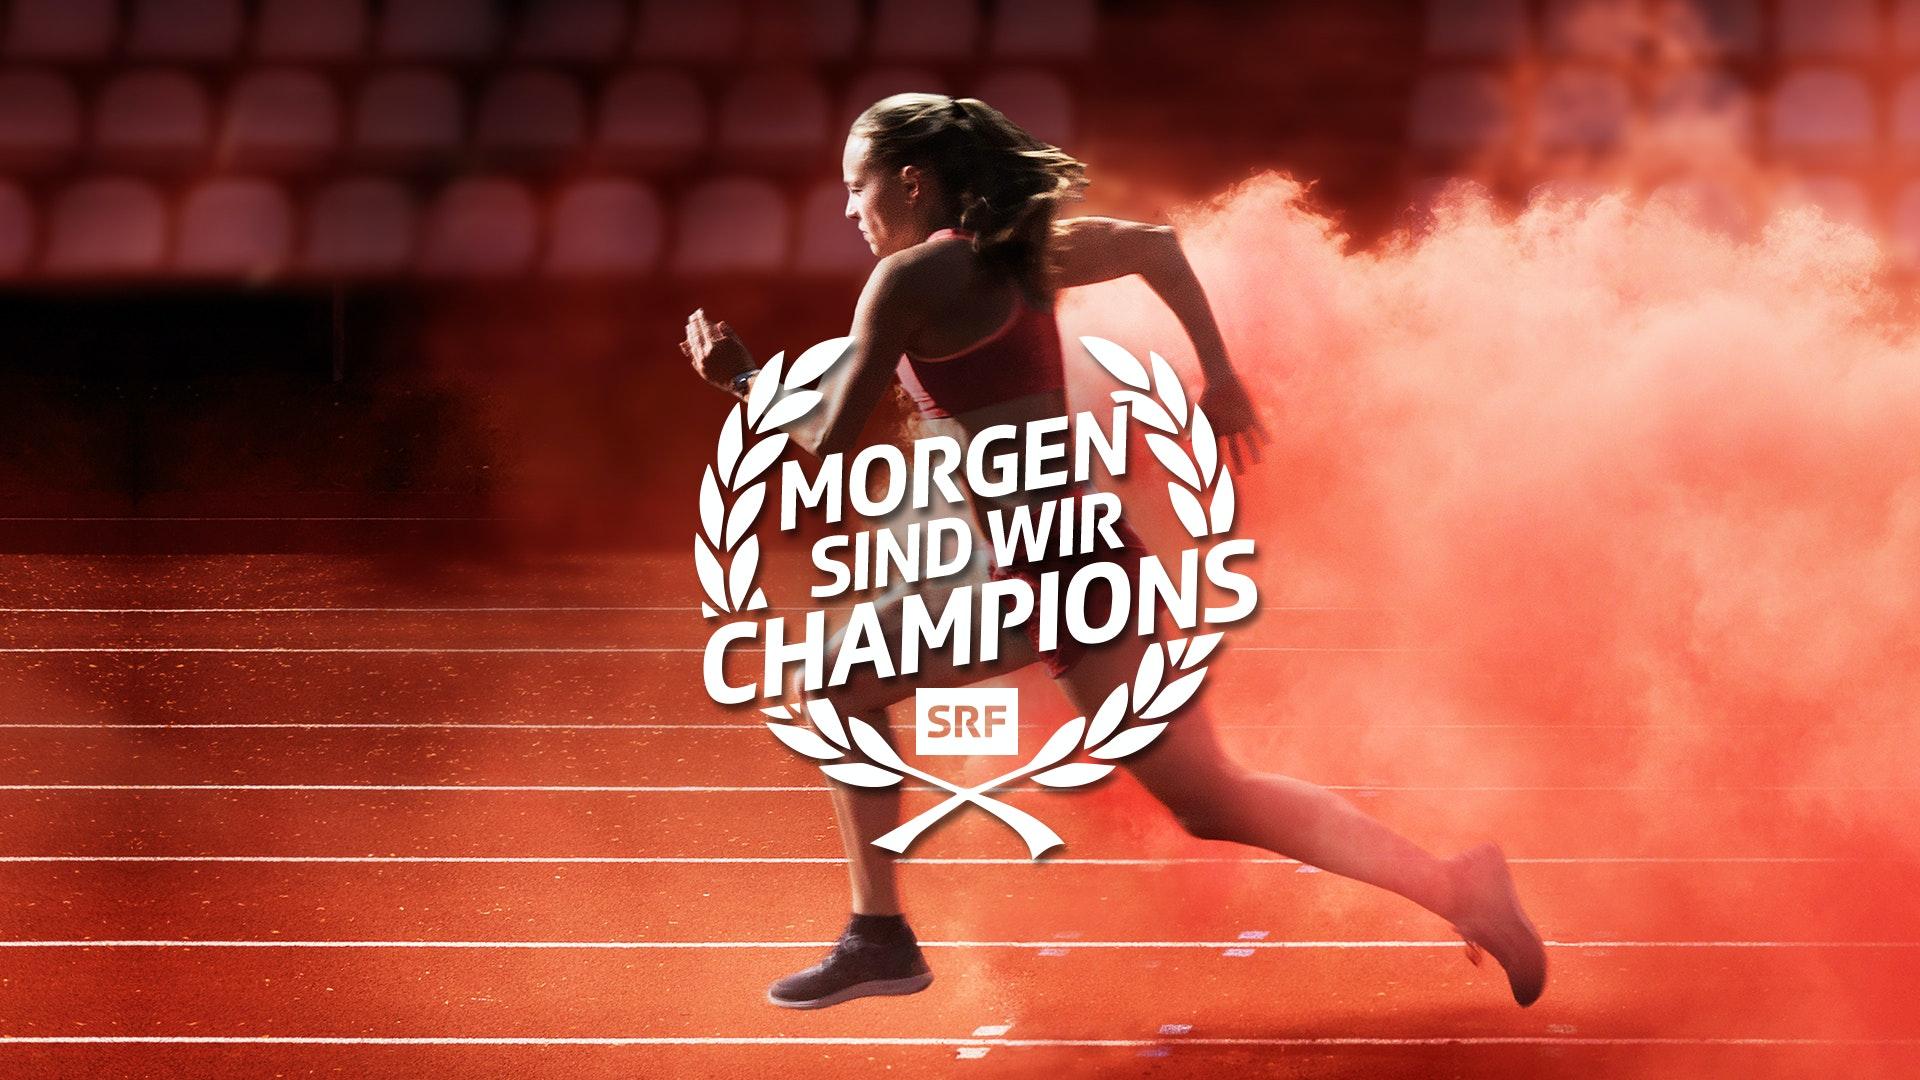 Morgen sind wir Champions Leichtathletik Frau Keyvisual mit Zusatz MASTER